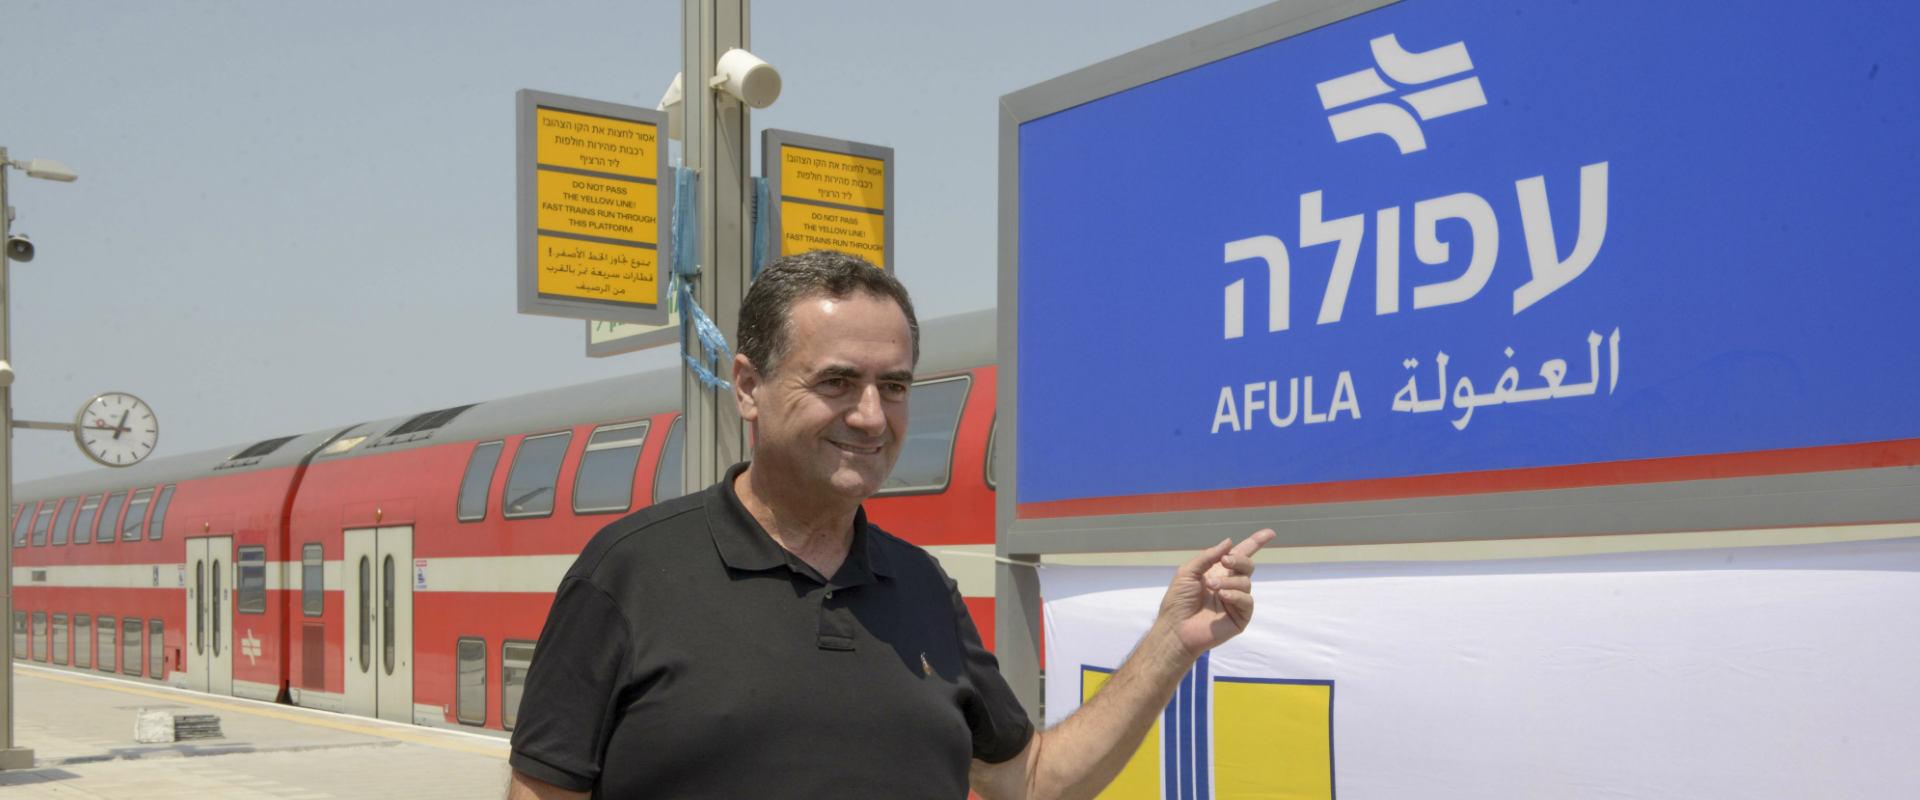 ישראל כץ בתחנת הרכבת בעפולה